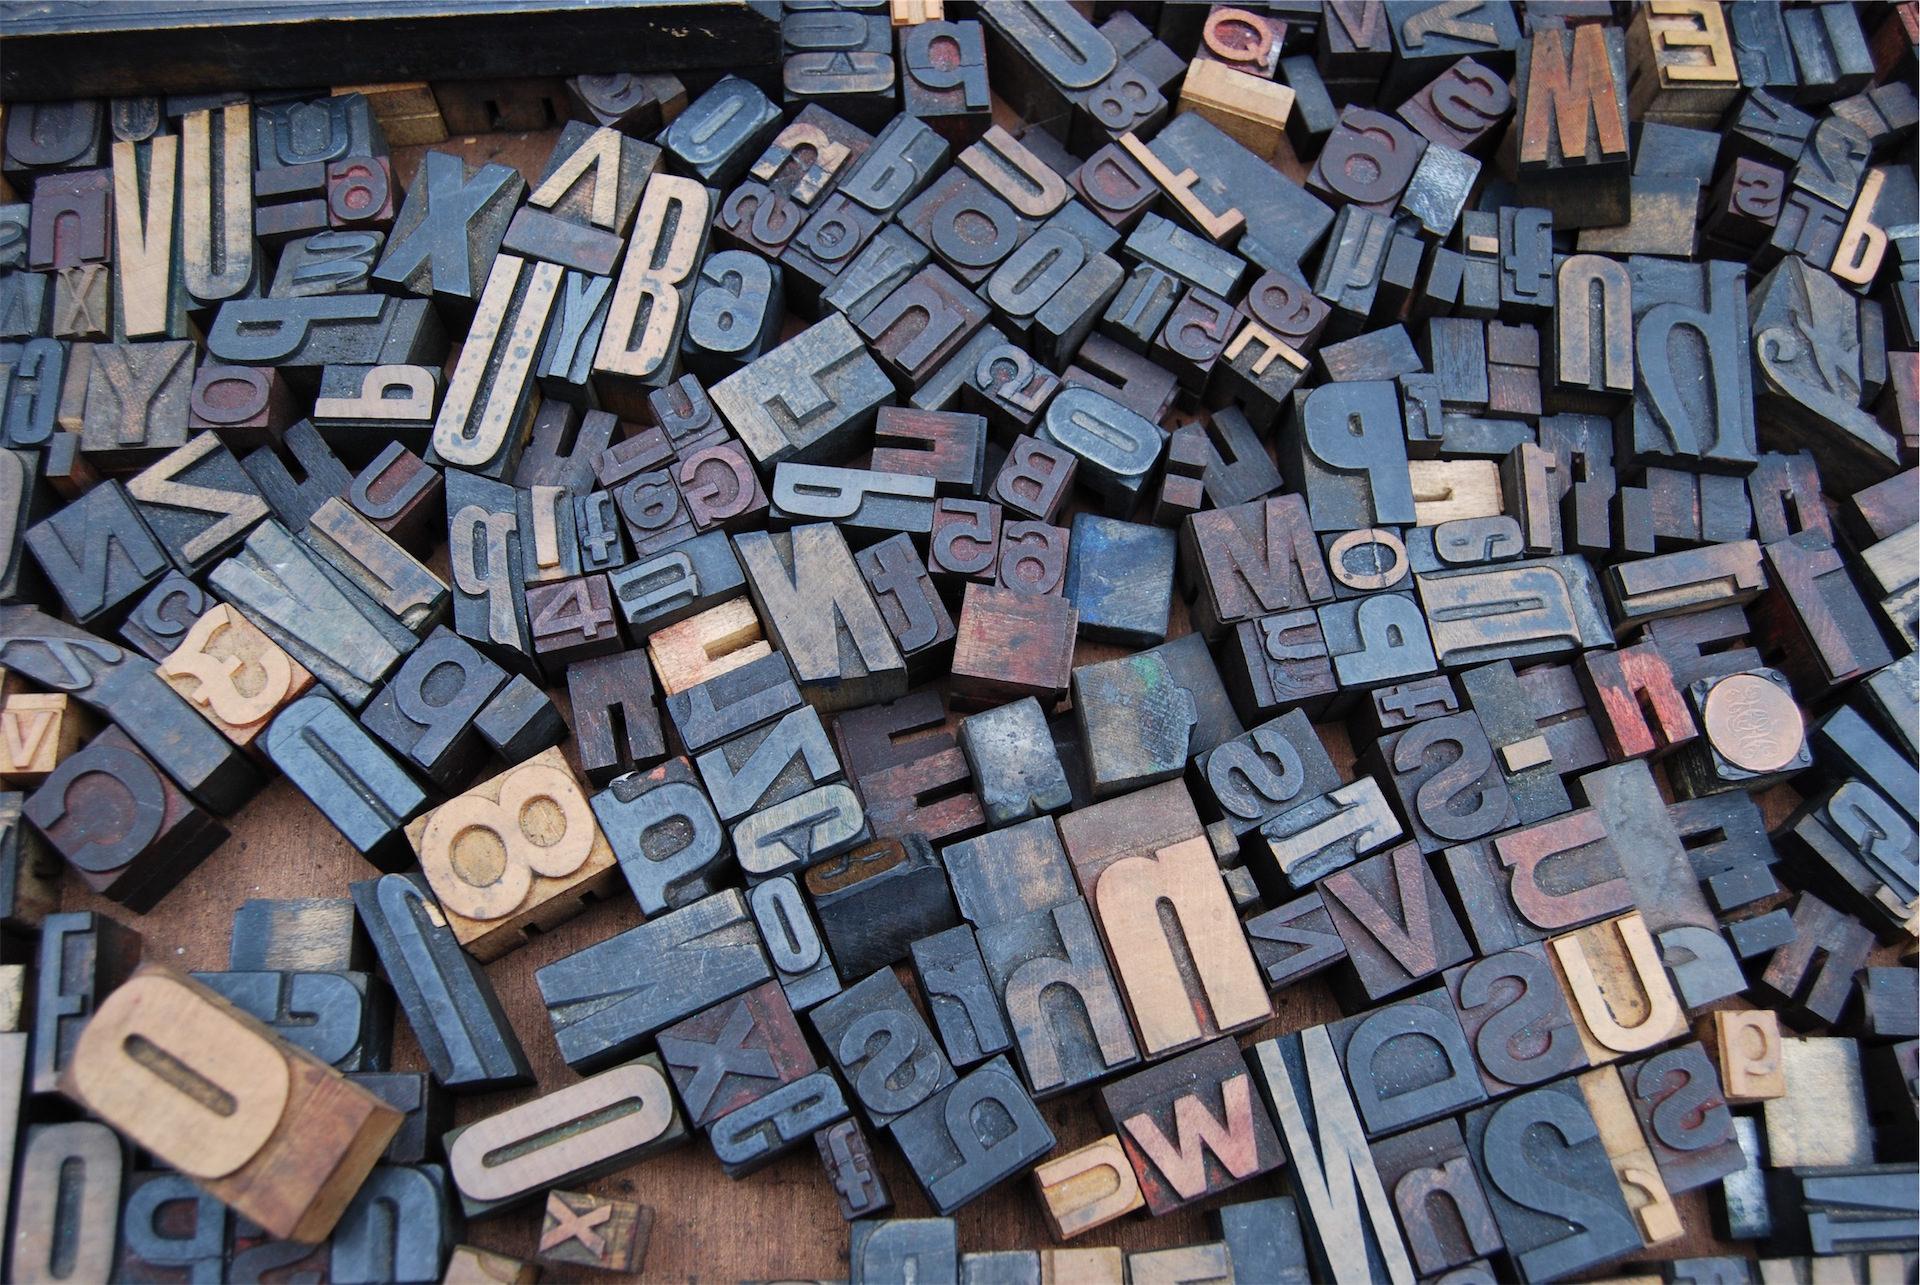 testi, legno, simboli, alfabeto, blocchi - Sfondi HD - Professor-falken.com